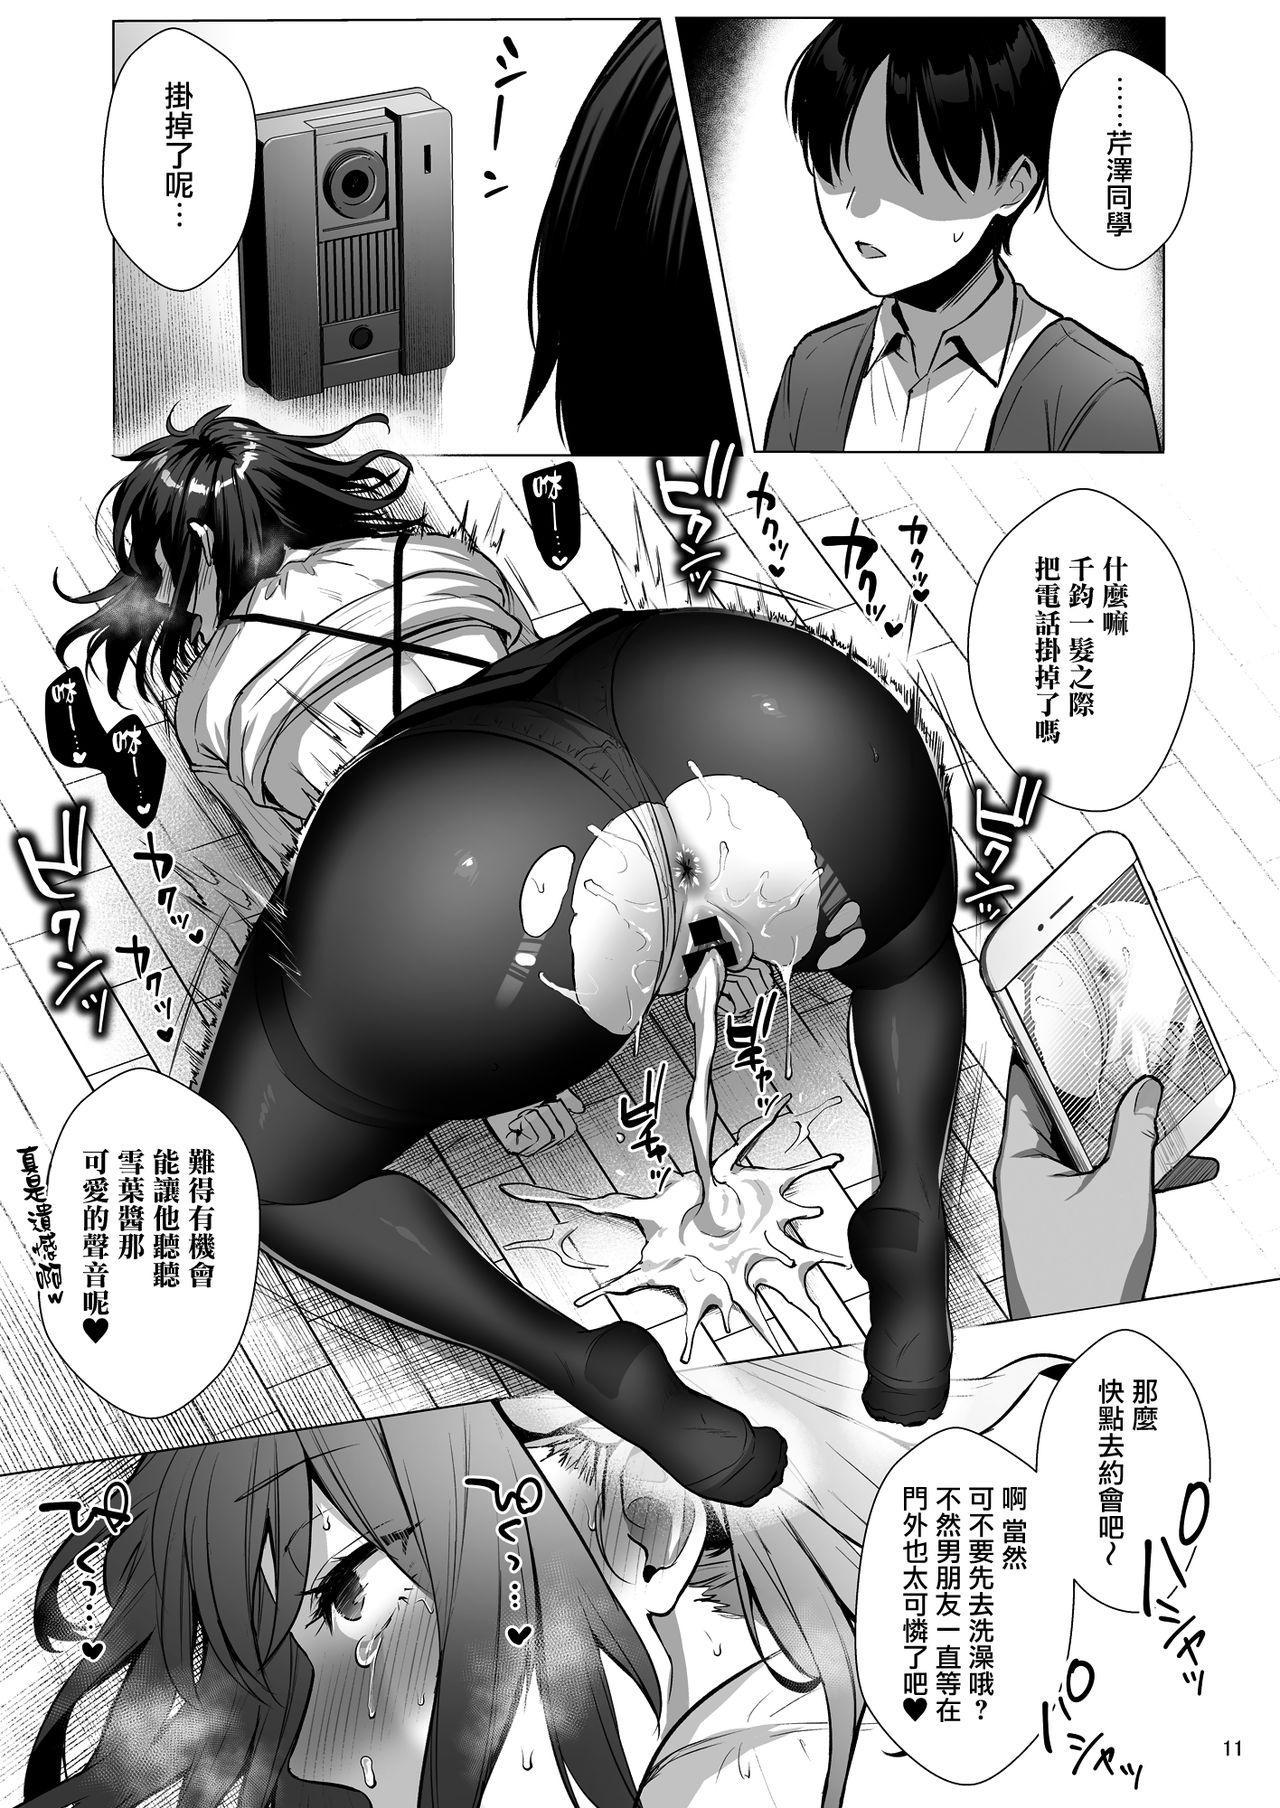 Toshoshitsu no Kanojo 3 11